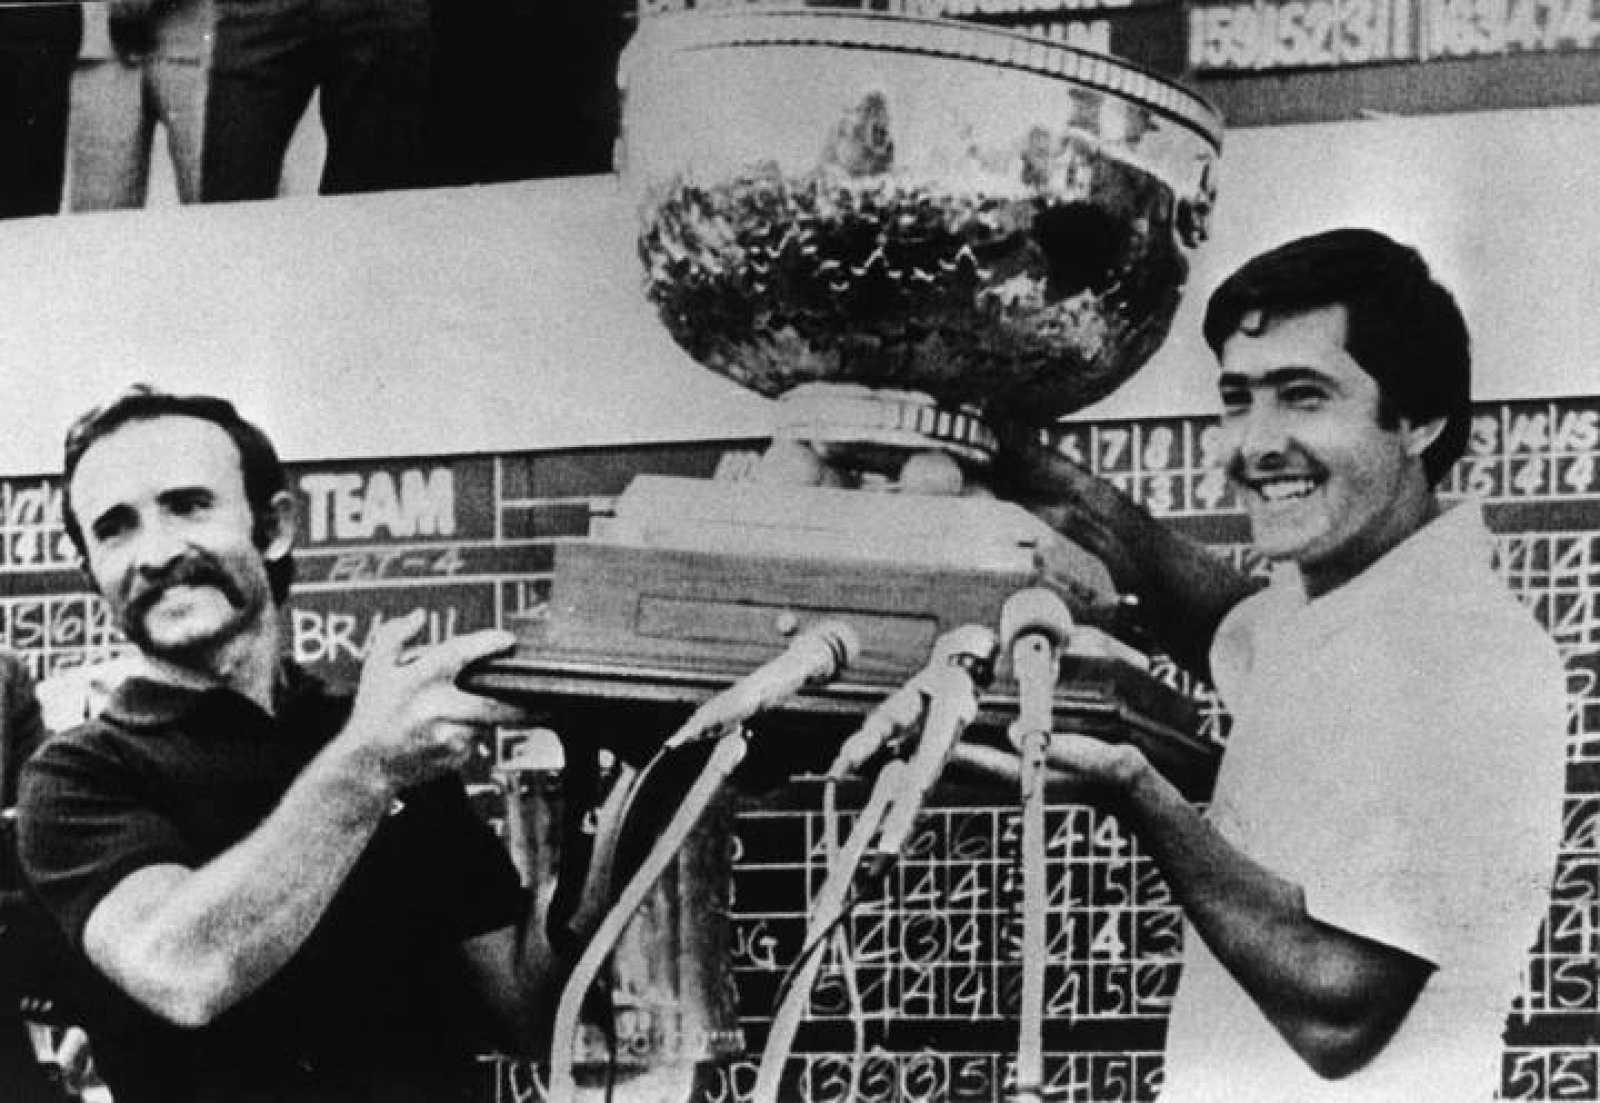 En 1977, Severiano Ballesteros comienza a disfrutar de gran fama en Estados Unidos y Gran Bretaña, gracias a sus victorias en la Copa del Mundo, con Antonio Garrido.